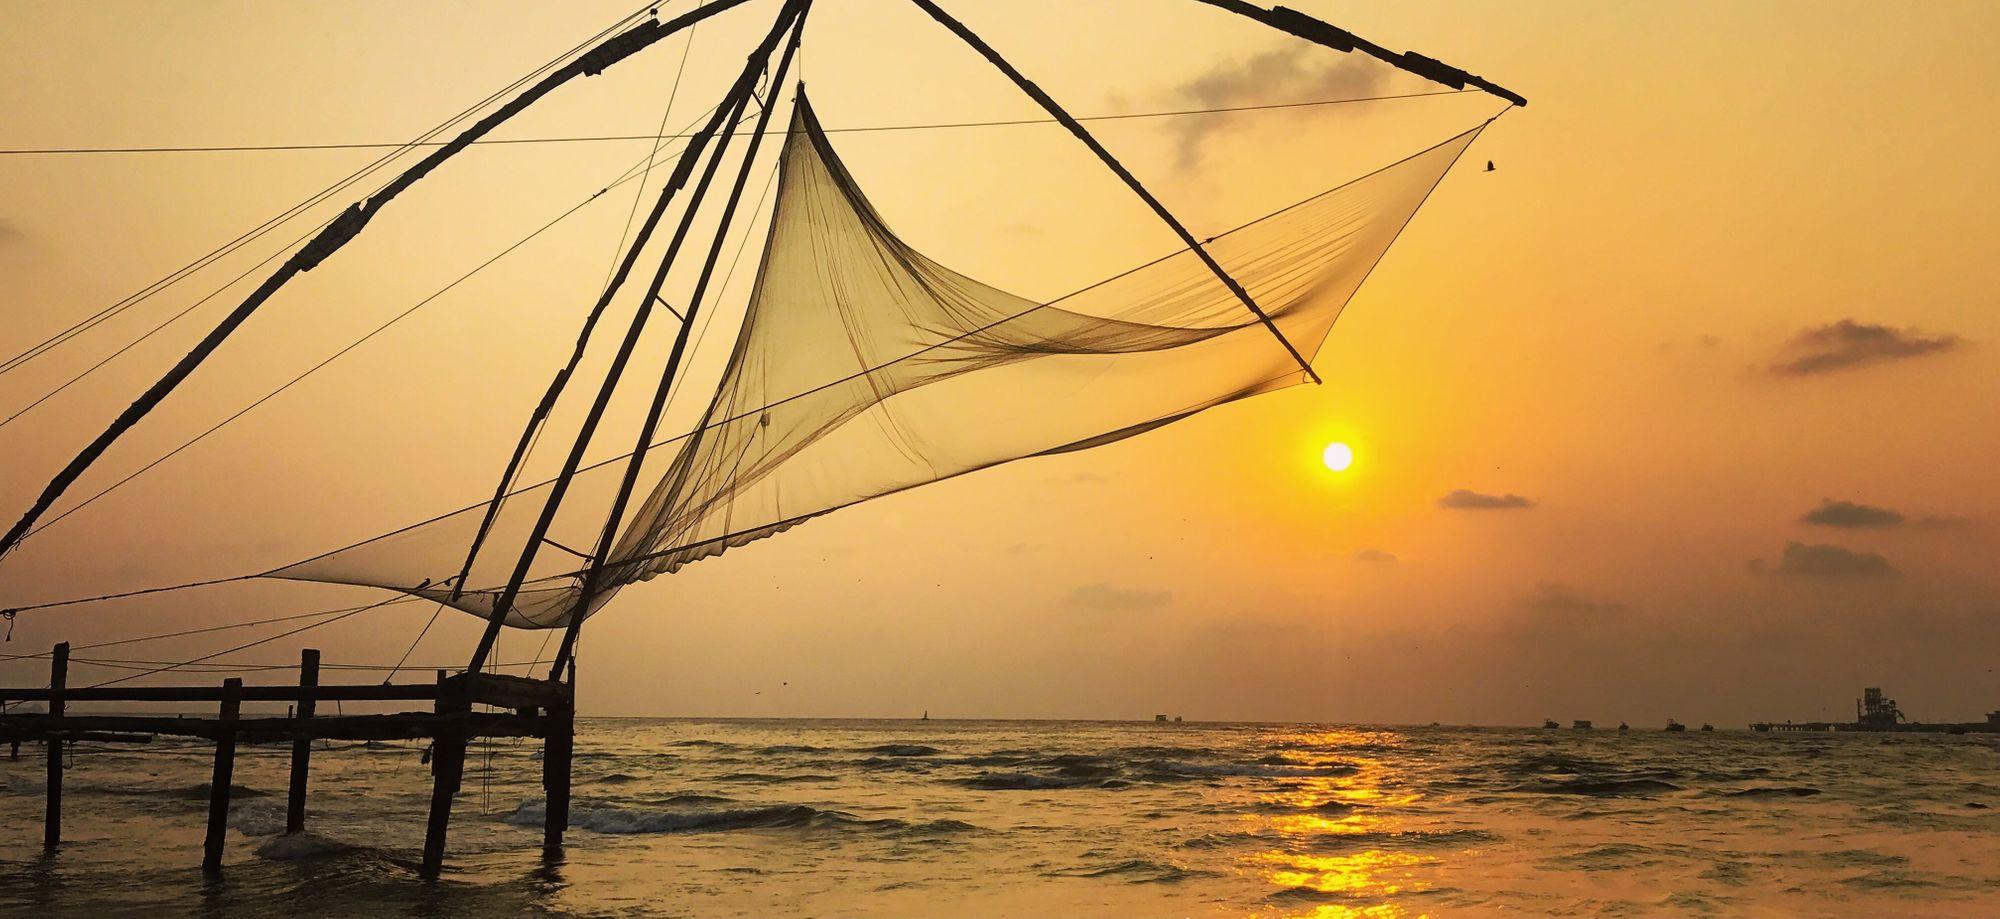 Chinese fishing nets in Kochin, India.